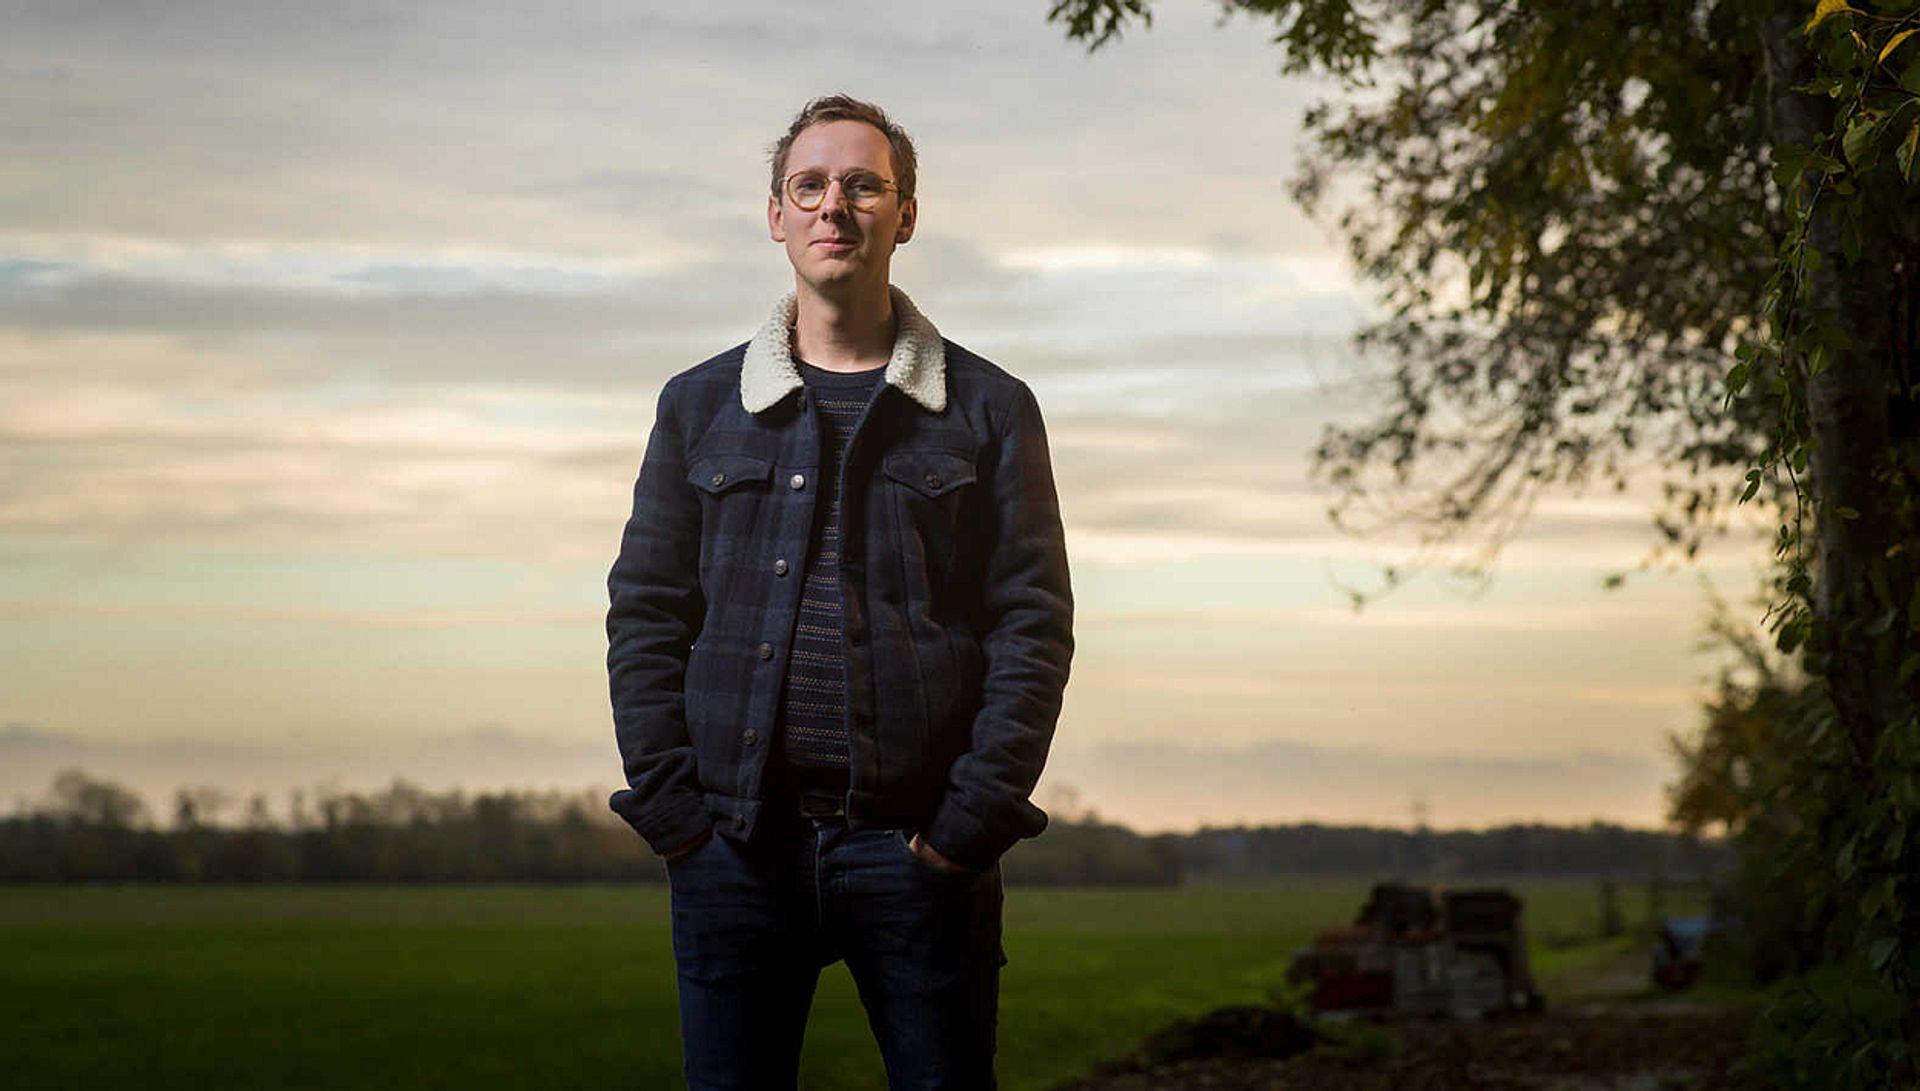 Meer over geloof & popmuziek: Rogier Pelgrim gooide als tiener alle cd's van De Heideroosjes in de kliko